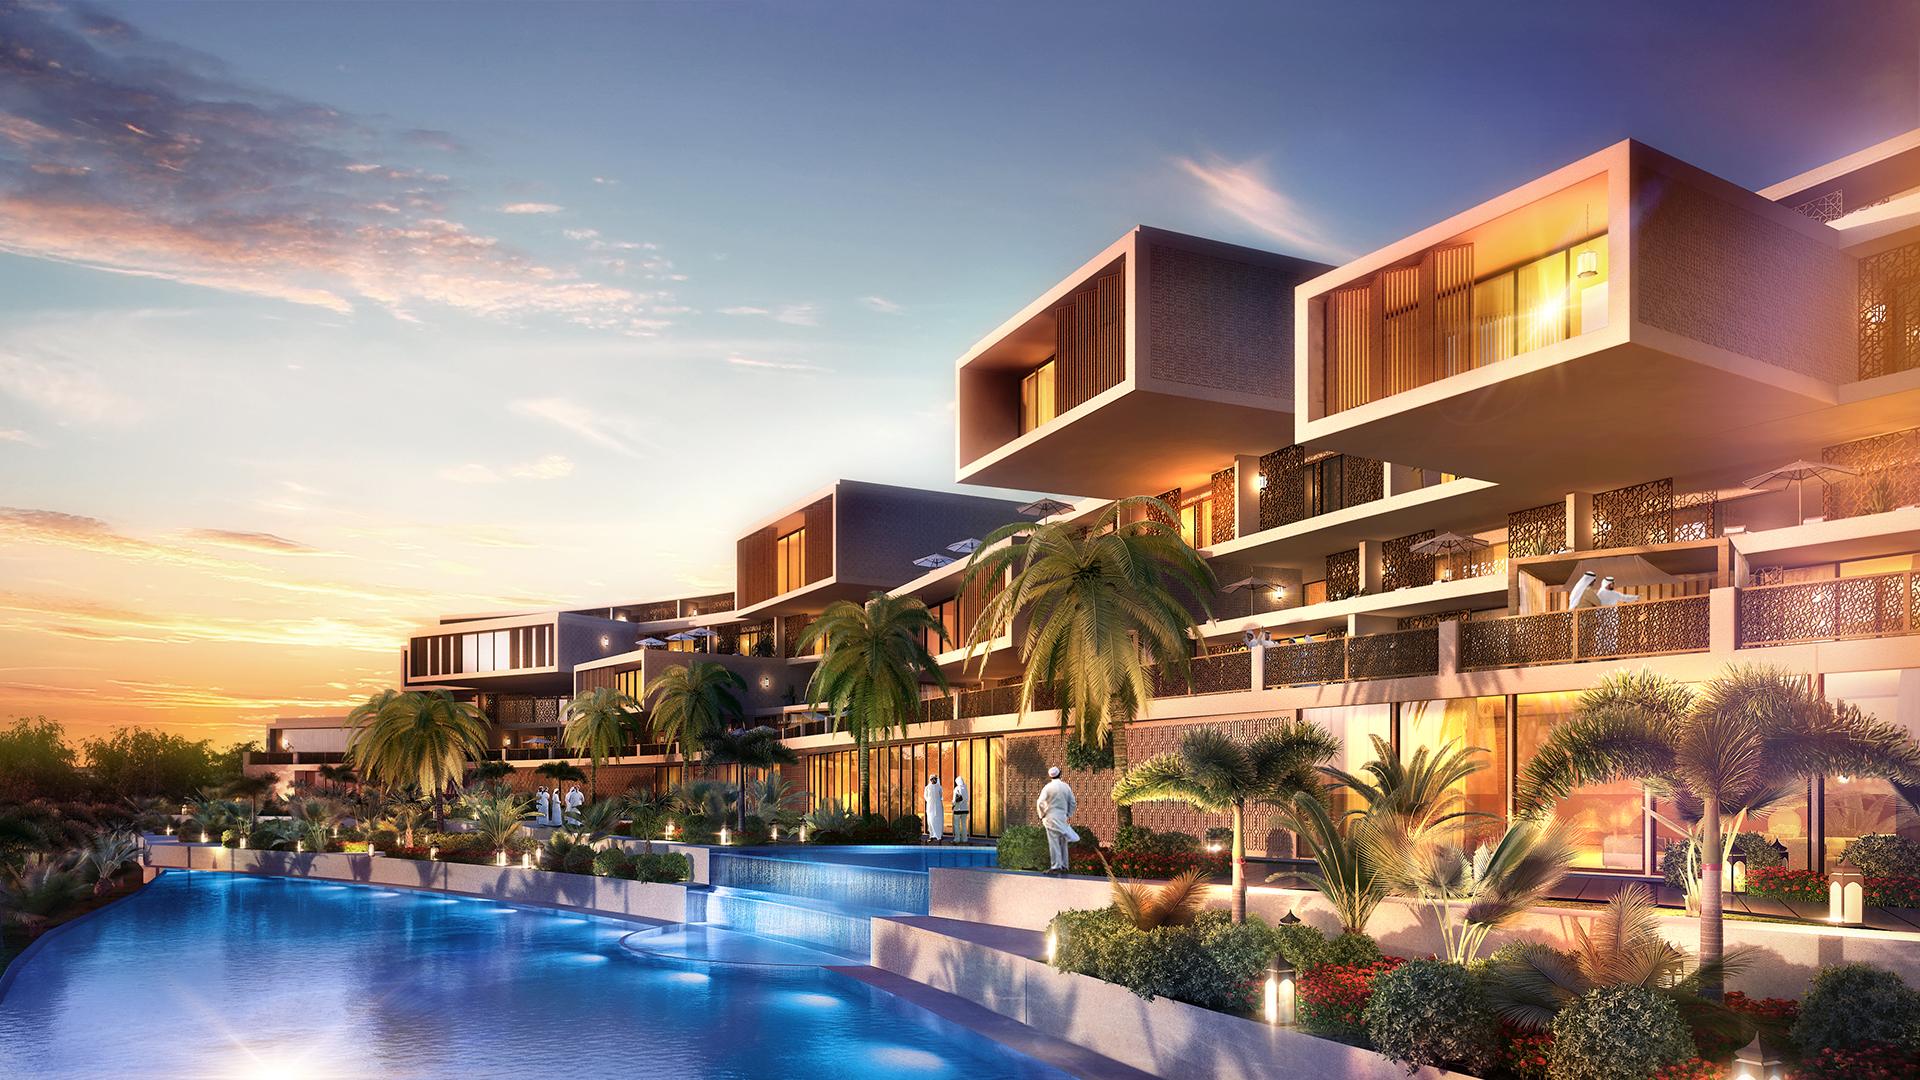 al-samerya-hotel-2